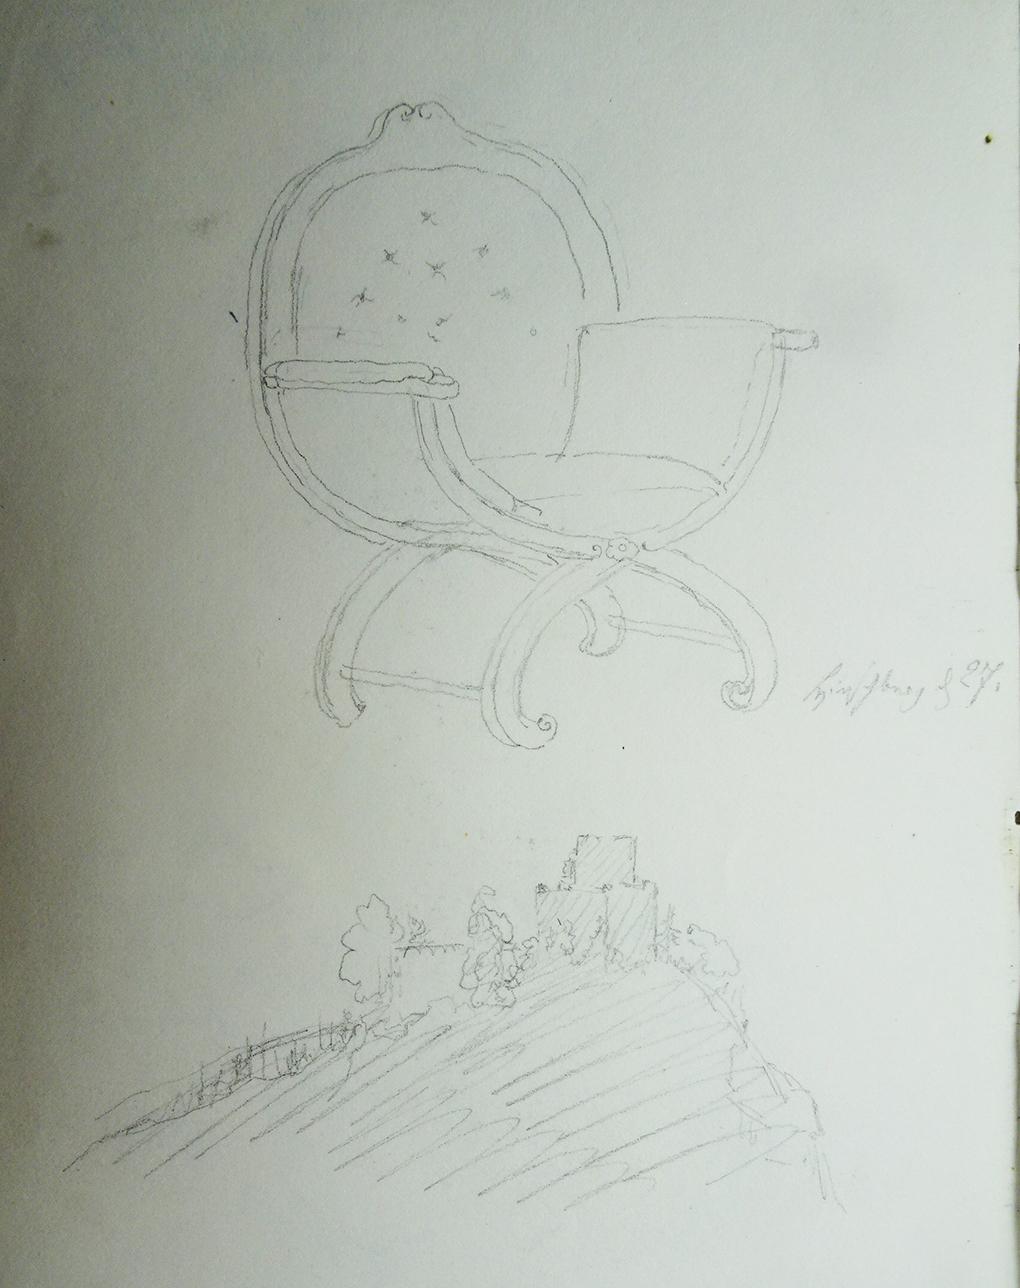 Ludwig Most, Widok zamku Chojnik, około 27.08.1835, ołówek, papier czerpany, Szkicownik nr VII, karta 8 verso, Muzeum Narodowe w Szczecinie